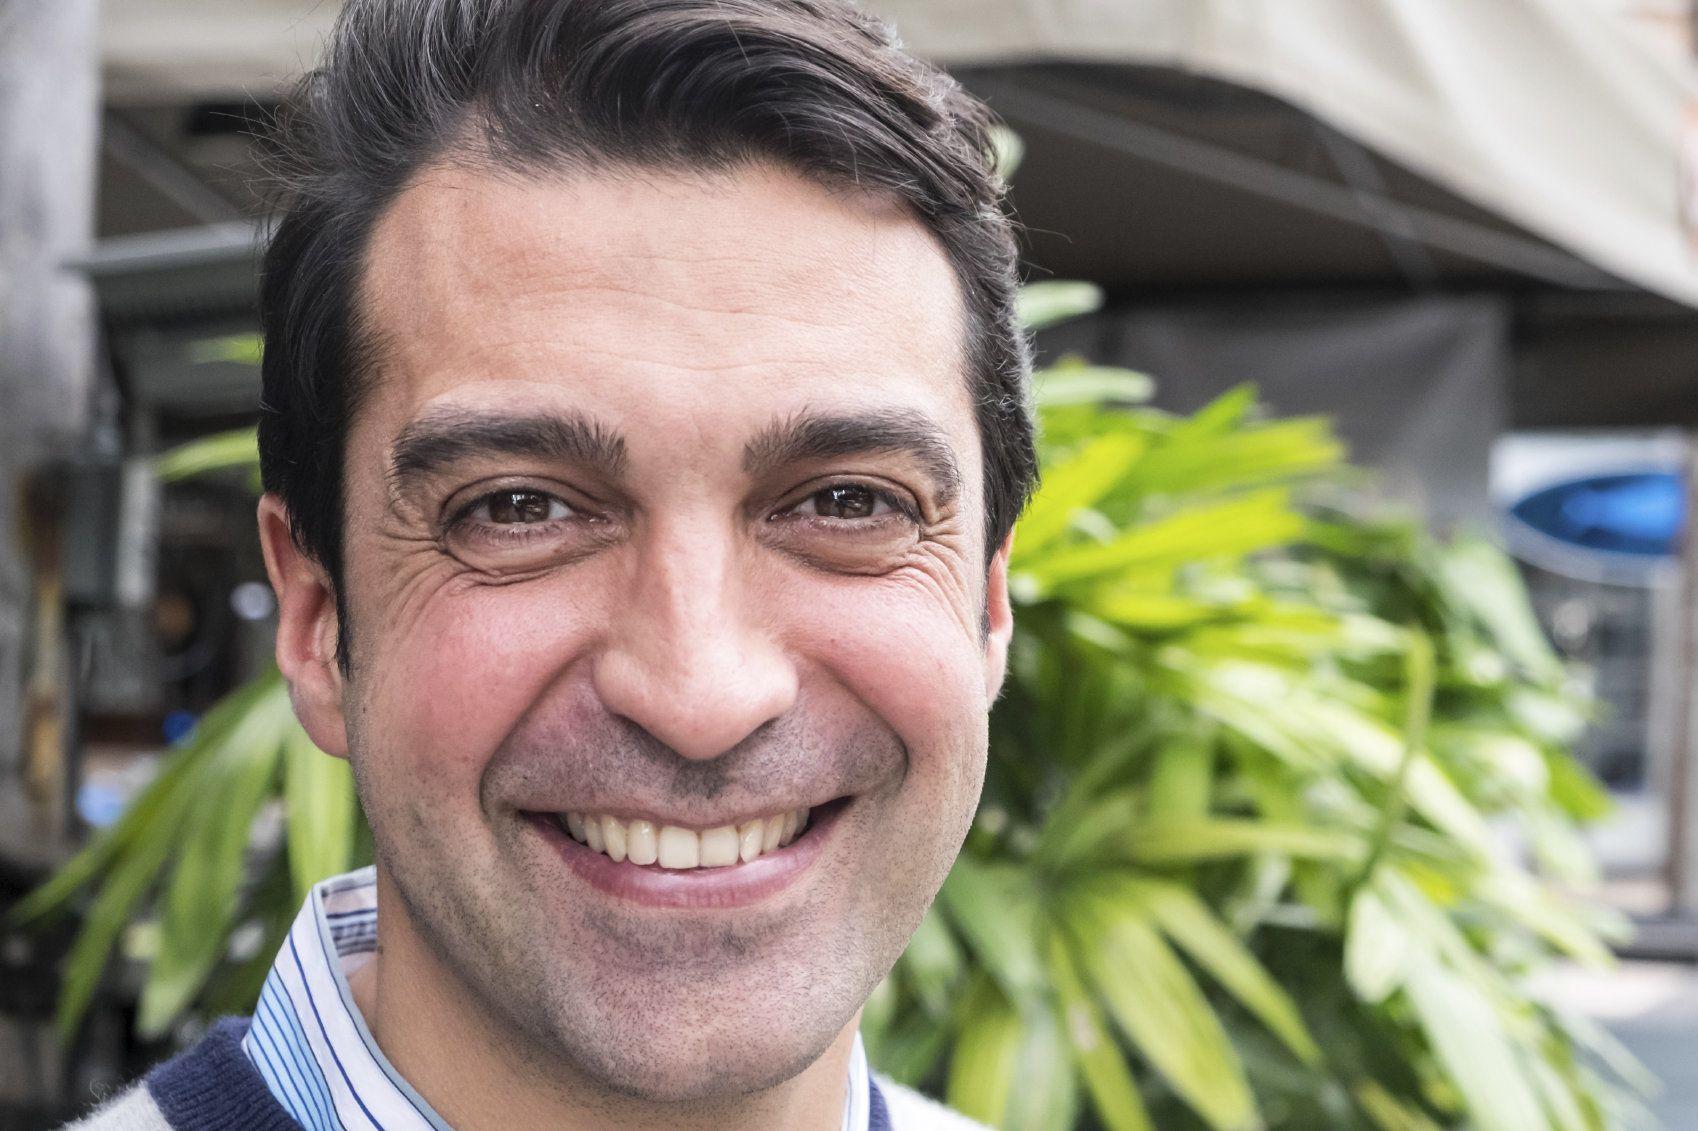 Image of smiling man